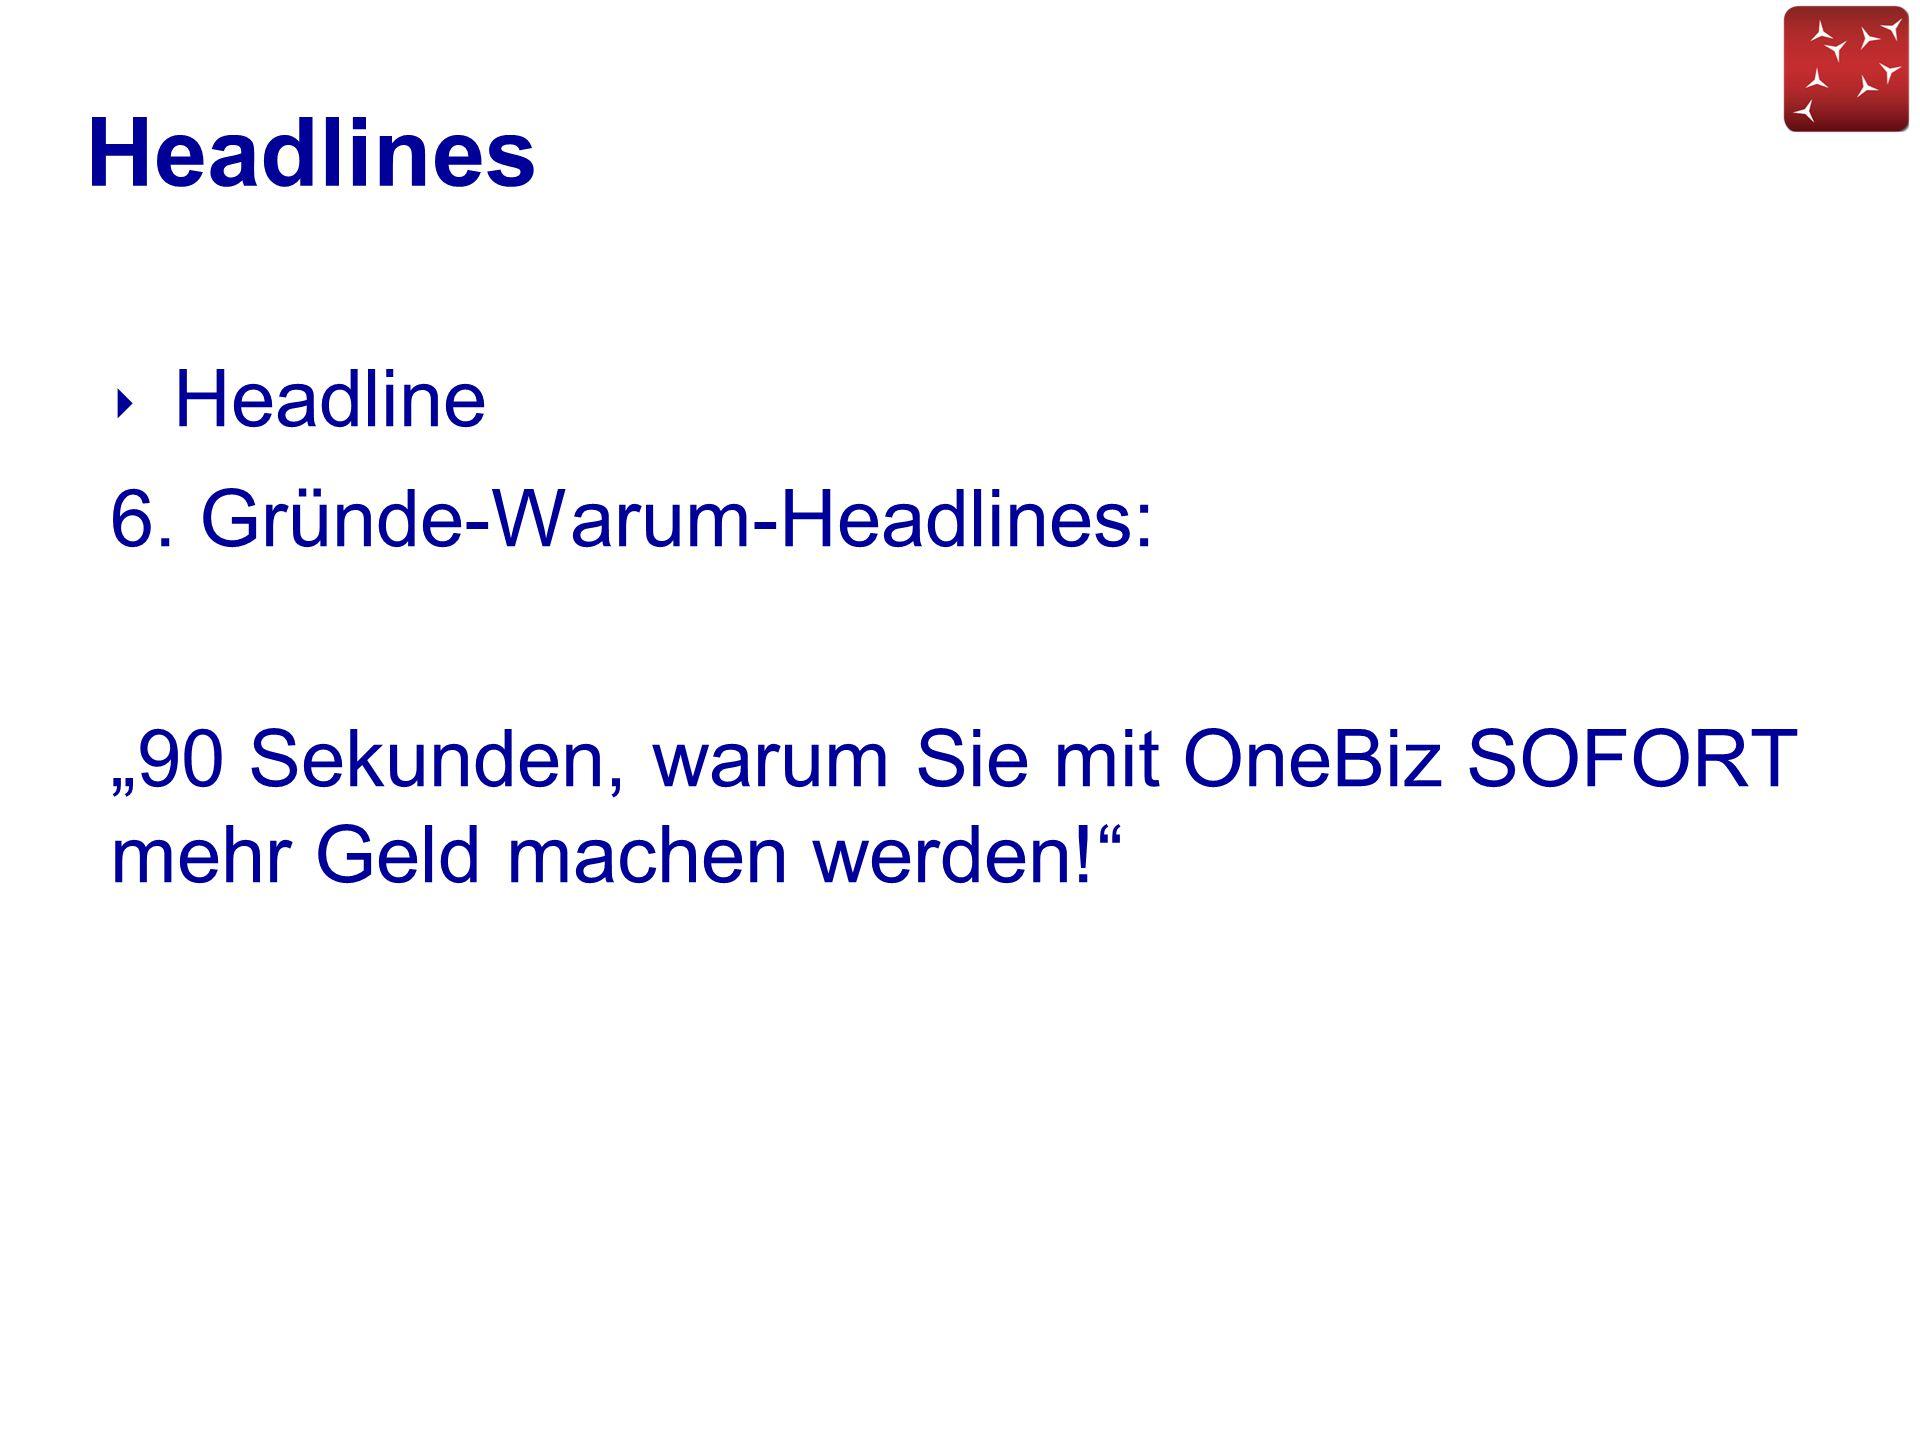 """Headlines ‣ Headline 6. Gründe-Warum-Headlines: """"90 Sekunden, warum Sie mit OneBiz SOFORT mehr Geld machen werden!"""""""